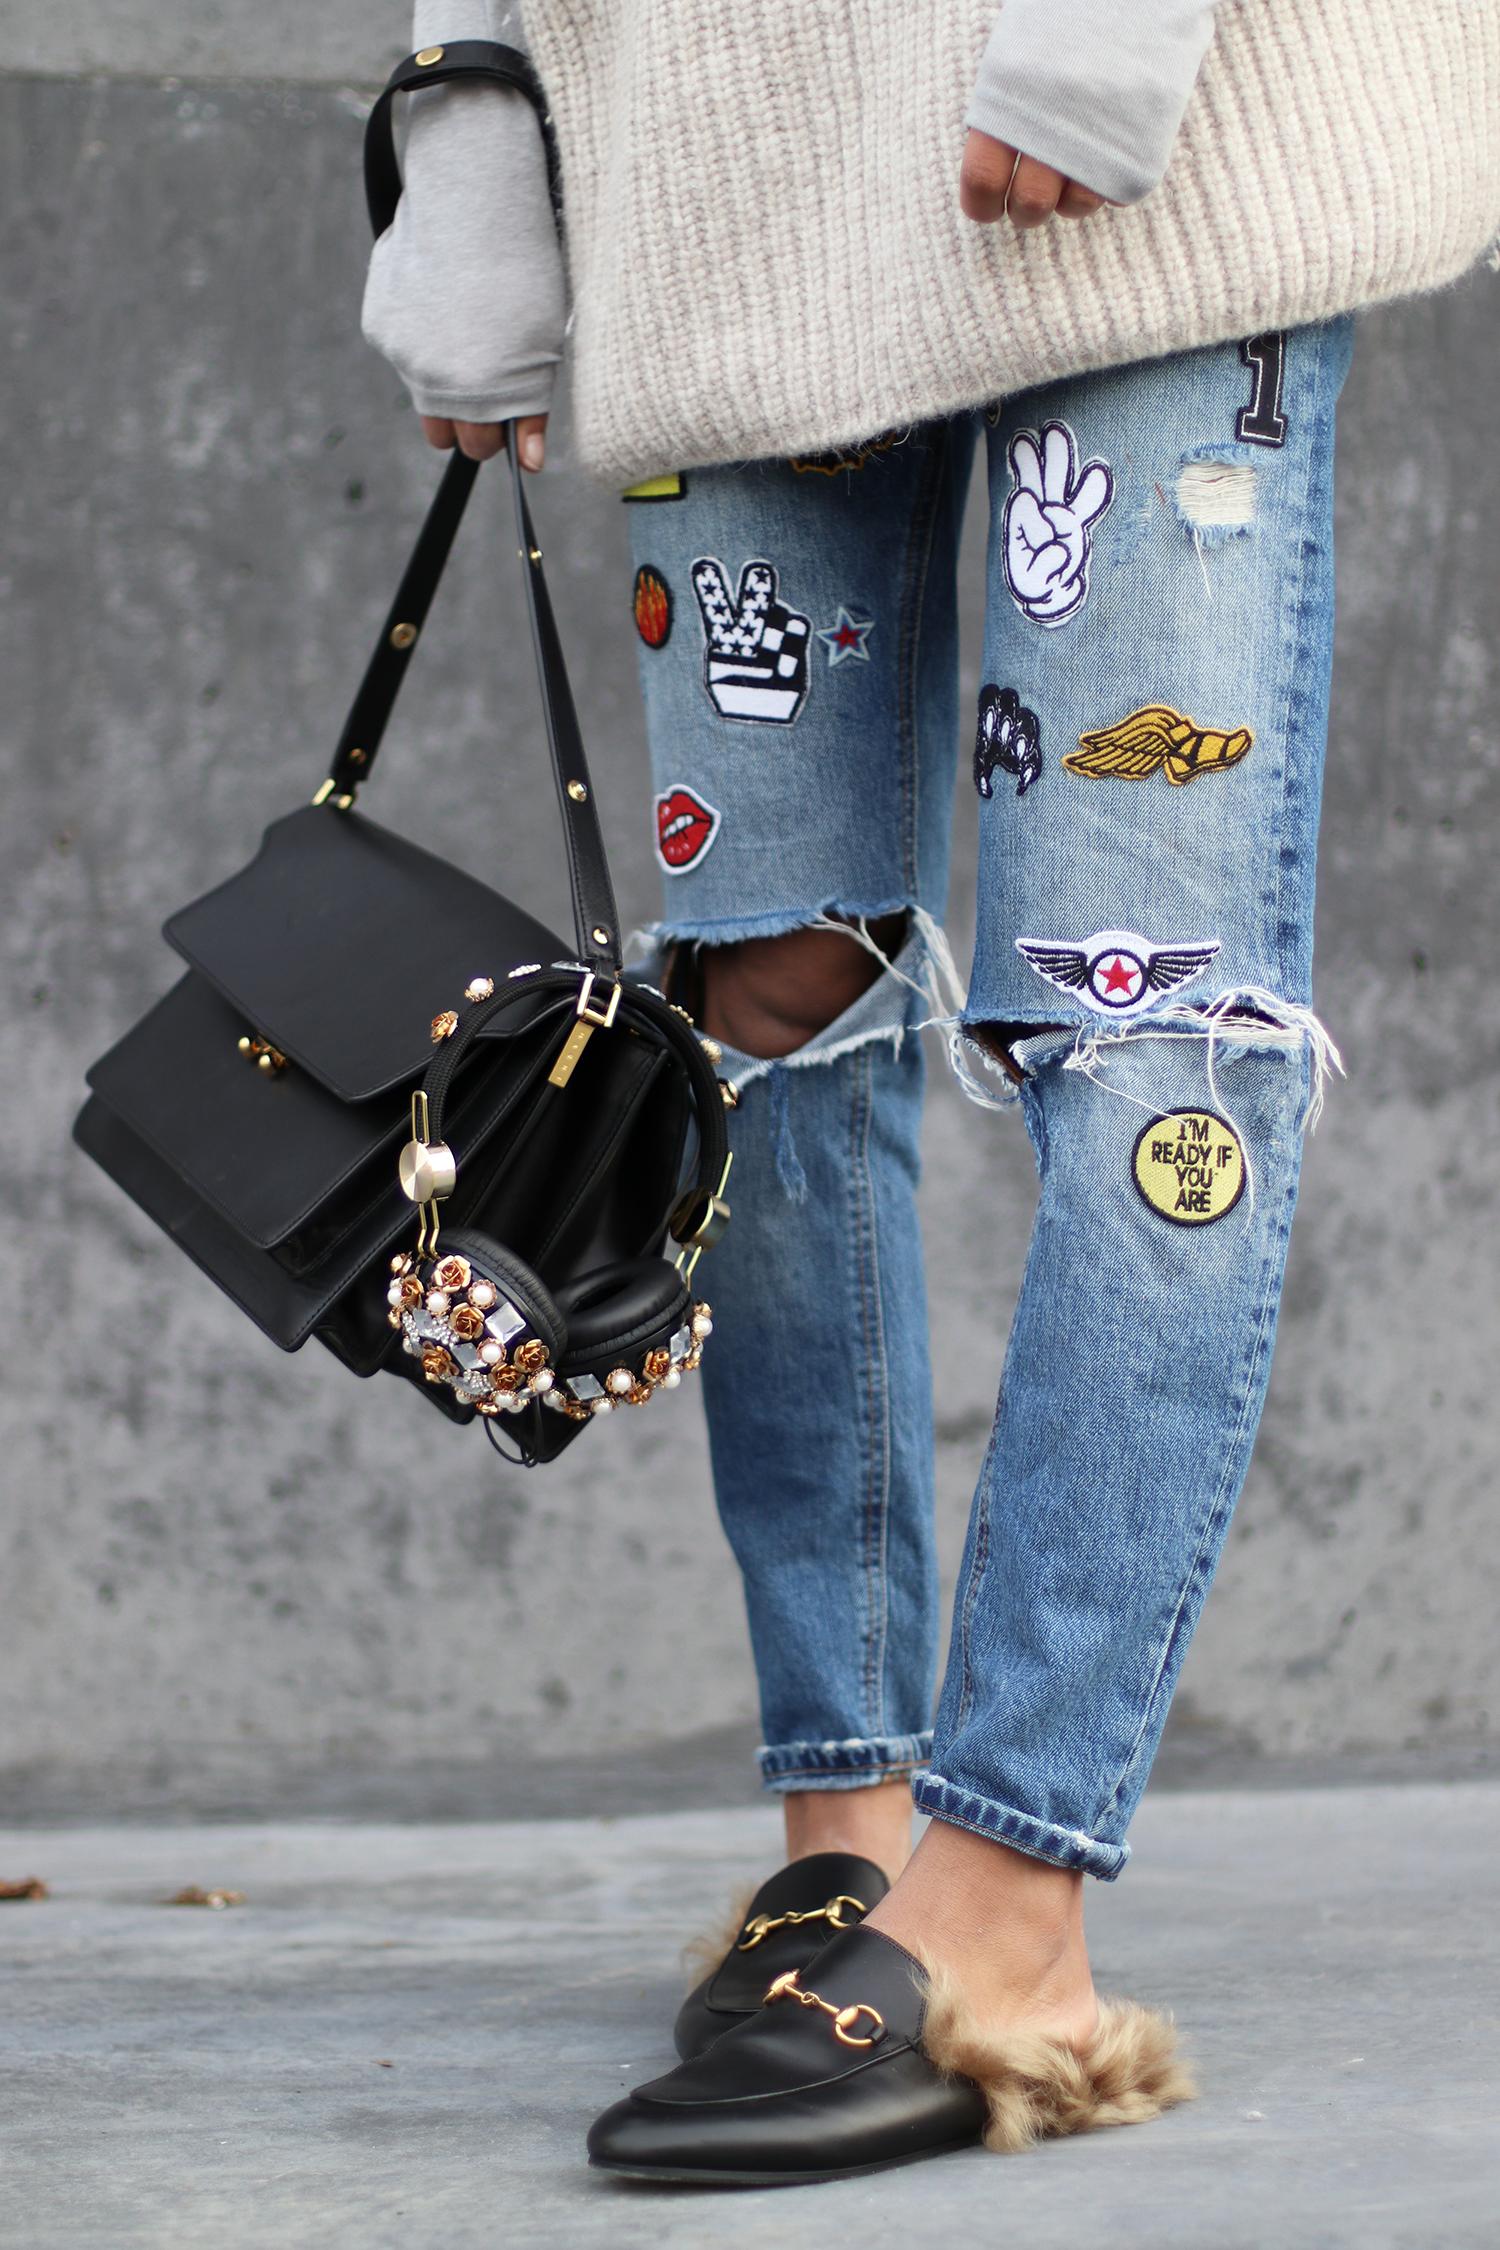 fashionblogger-details